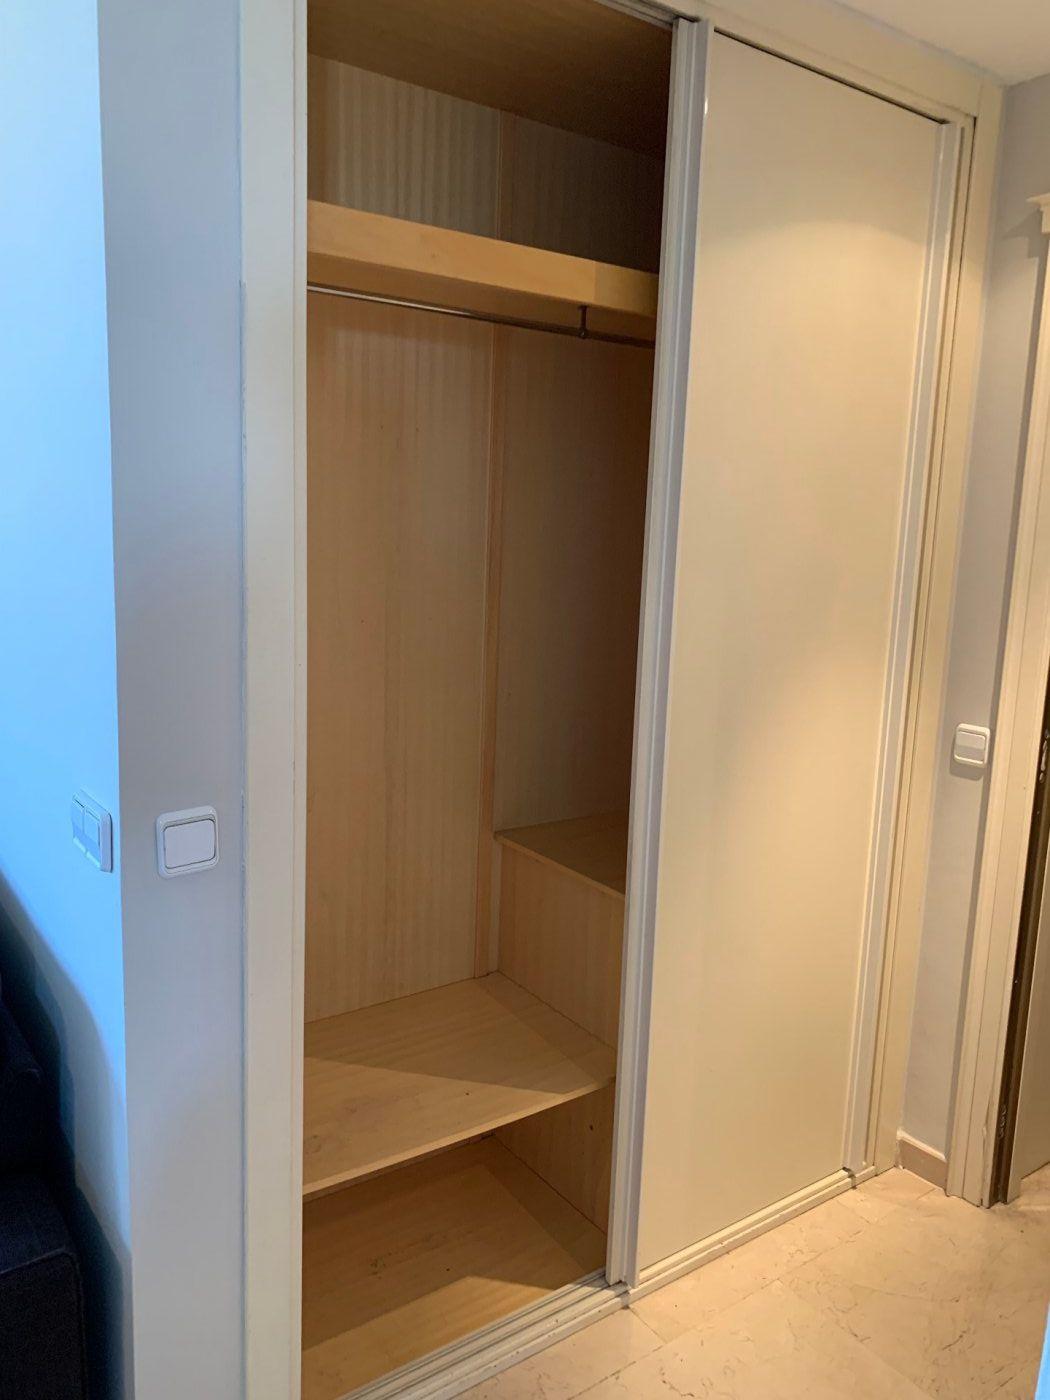 Venta o alquiler de piso en madrid - imagenInmueble26